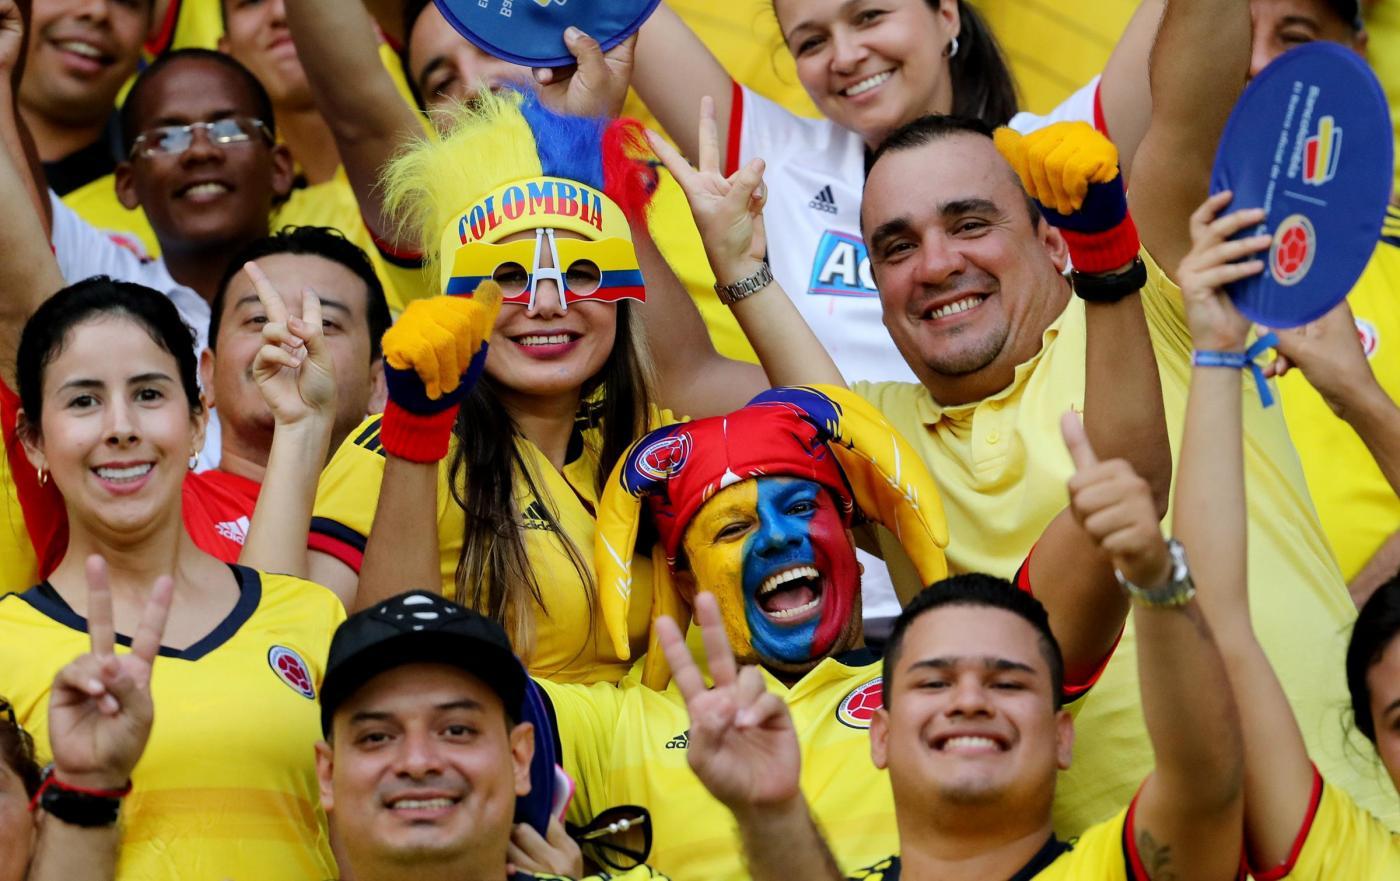 Copa Aguila mercoledì 2 maggio